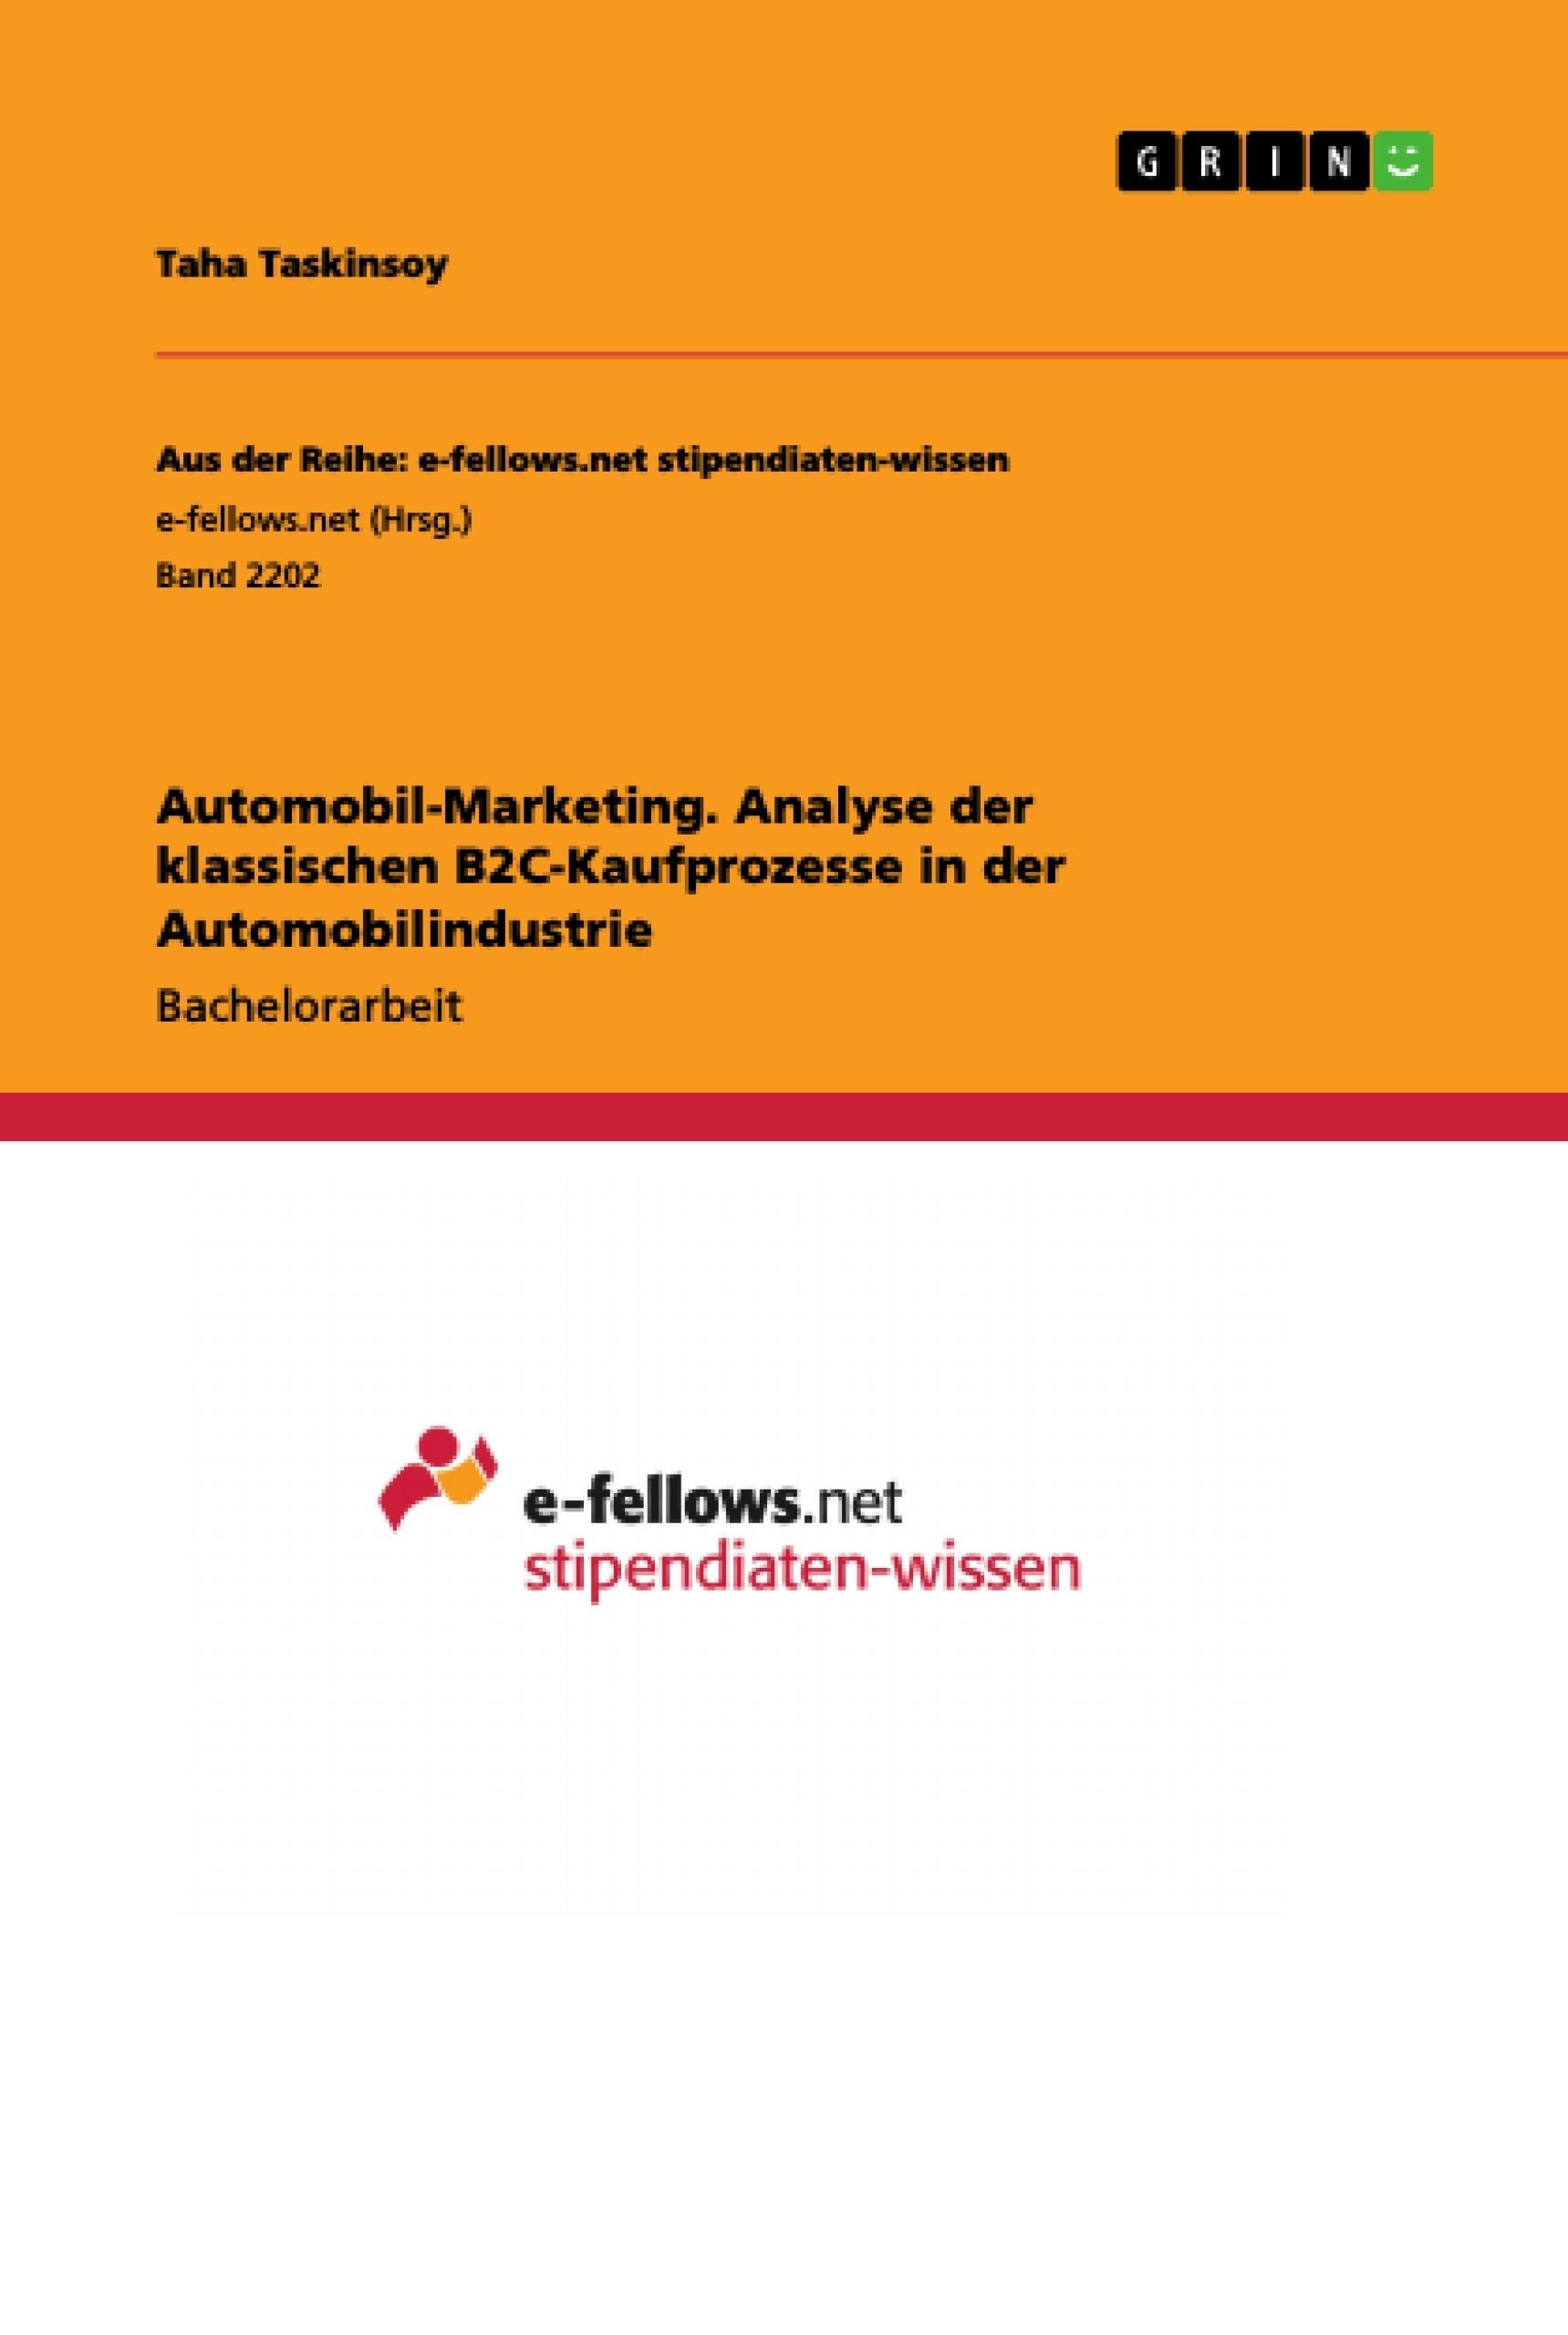 Titel: Automobil-Marketing. Analyse der klassischen B2C-Kaufprozesse in der Automobilindustrie